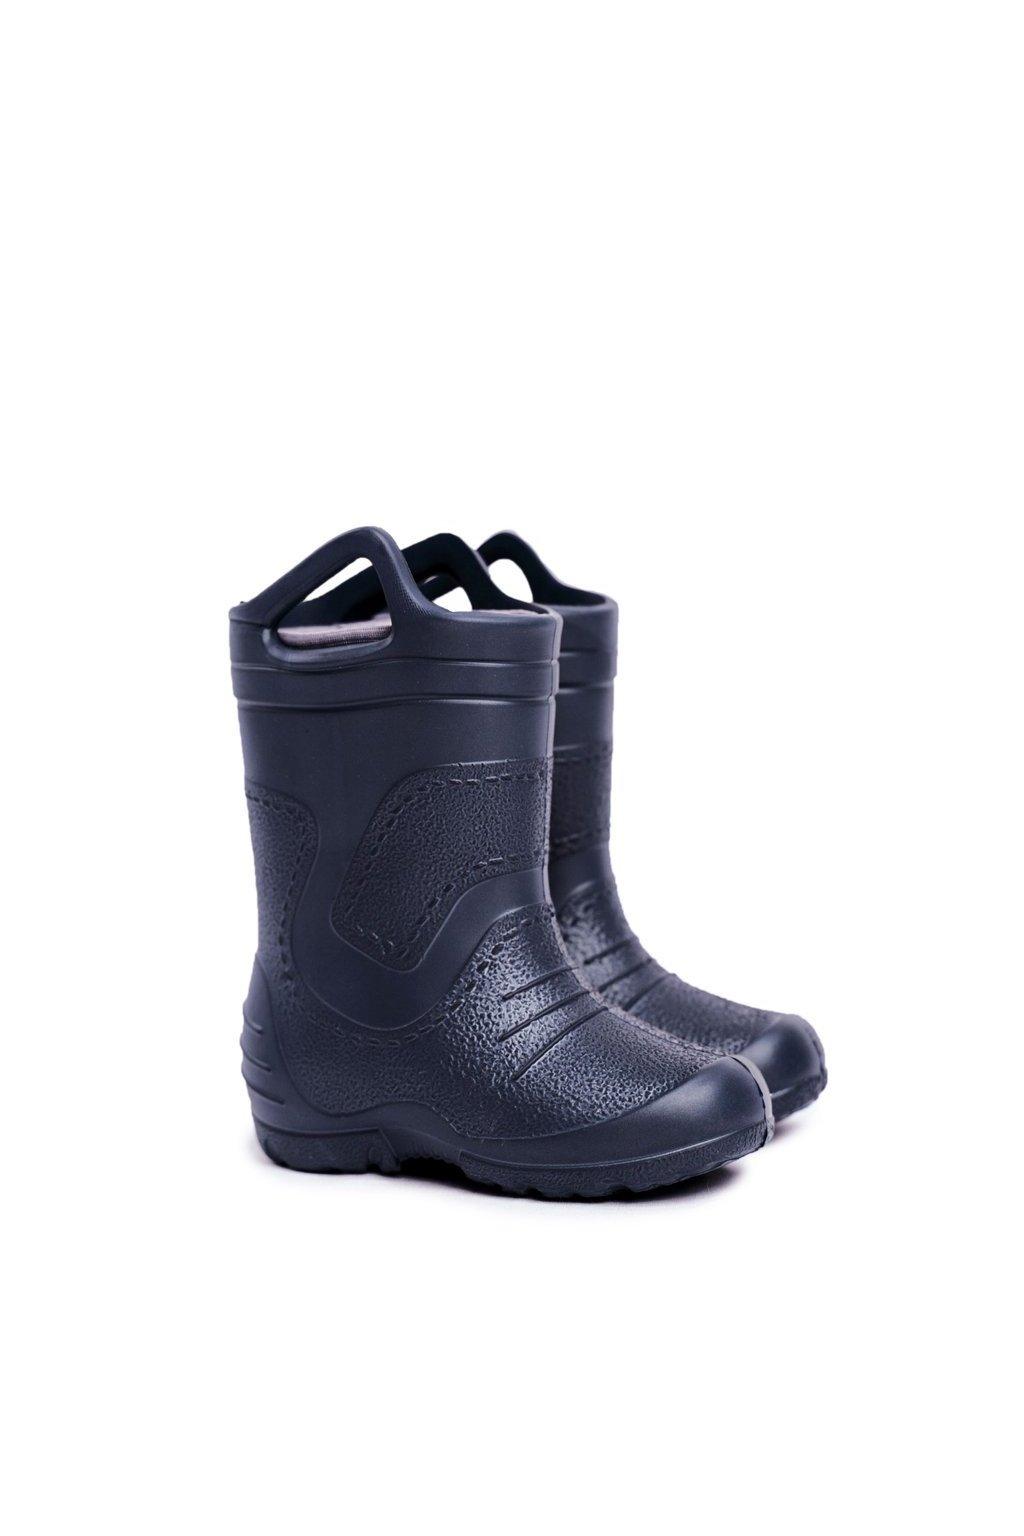 Modrá obuv kód topánok 51051 NAVY